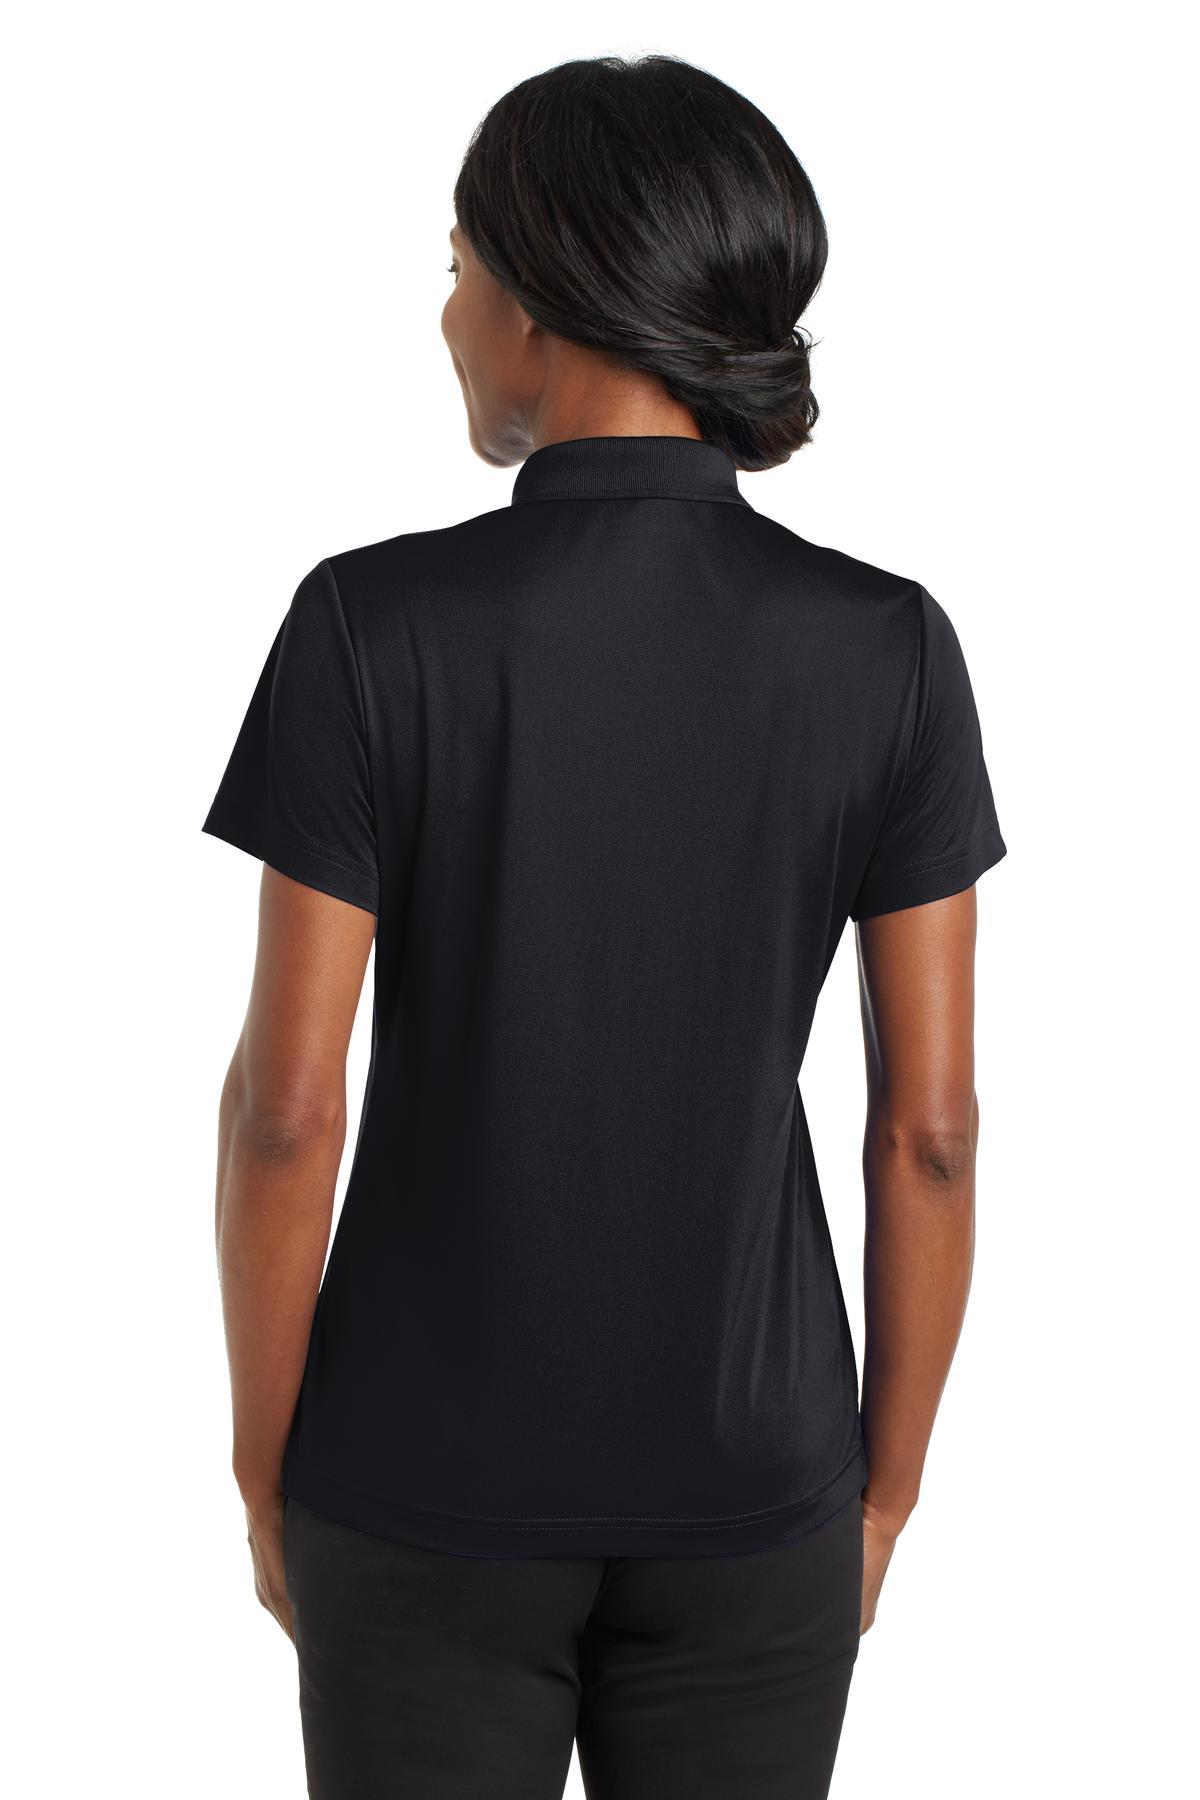 CS black model back